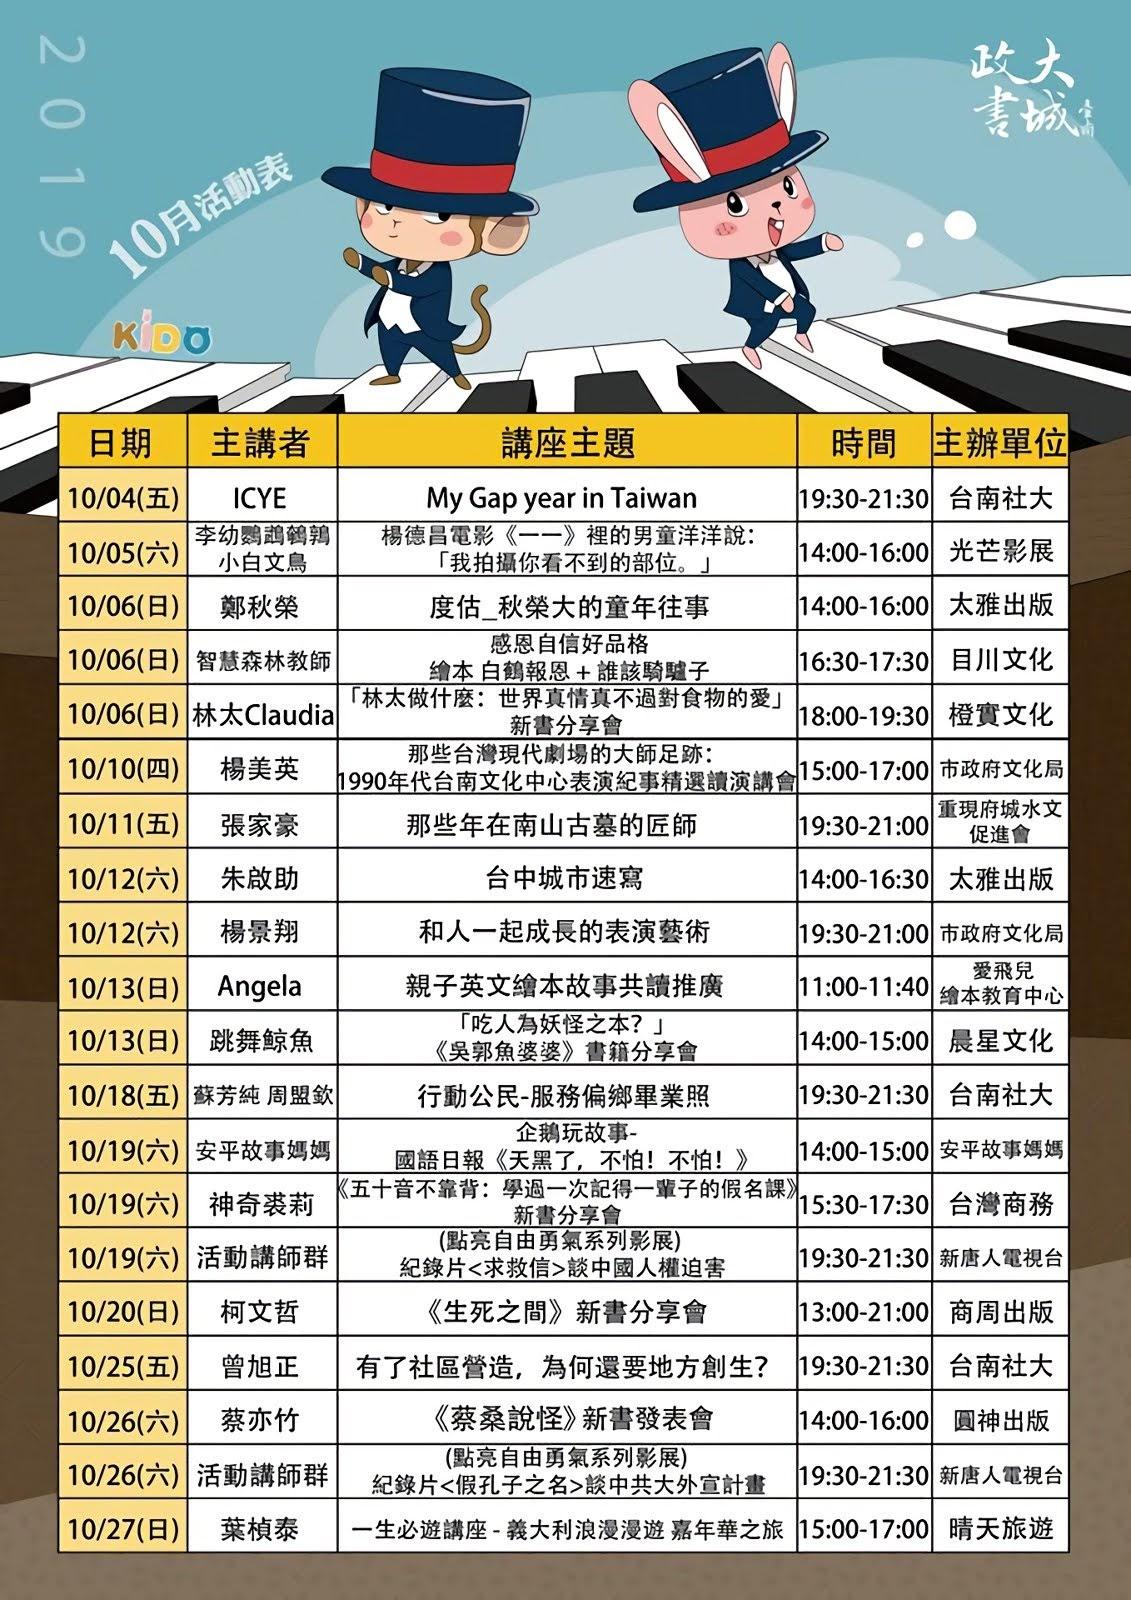 [活動] 台南政大書城 2019年11月份活動訊息